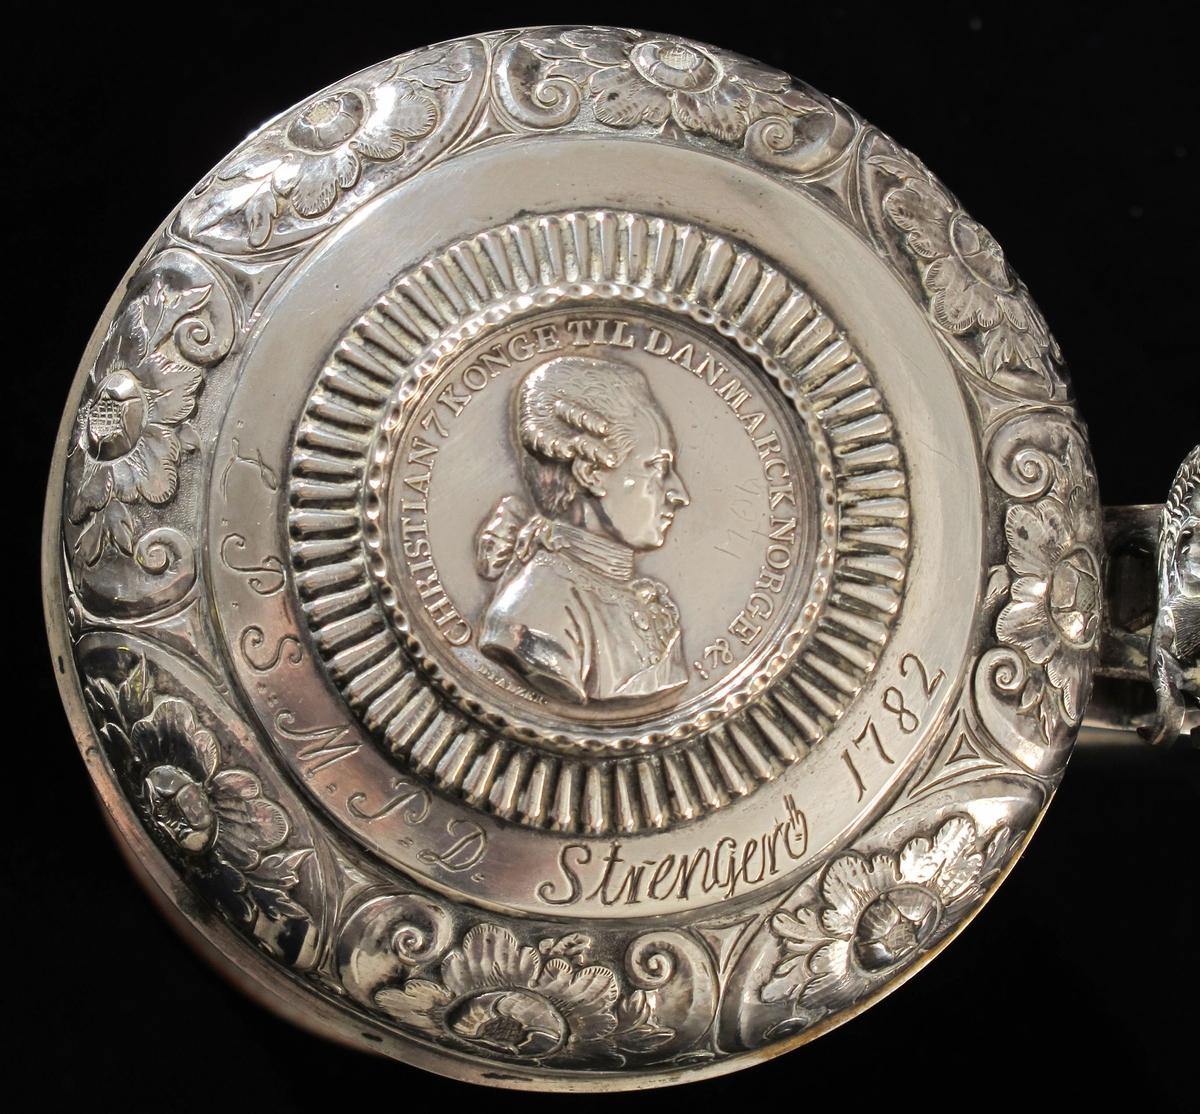 Polykrom blomsterdekor på kruset,  kongens portrett på medaljen. Havhest .